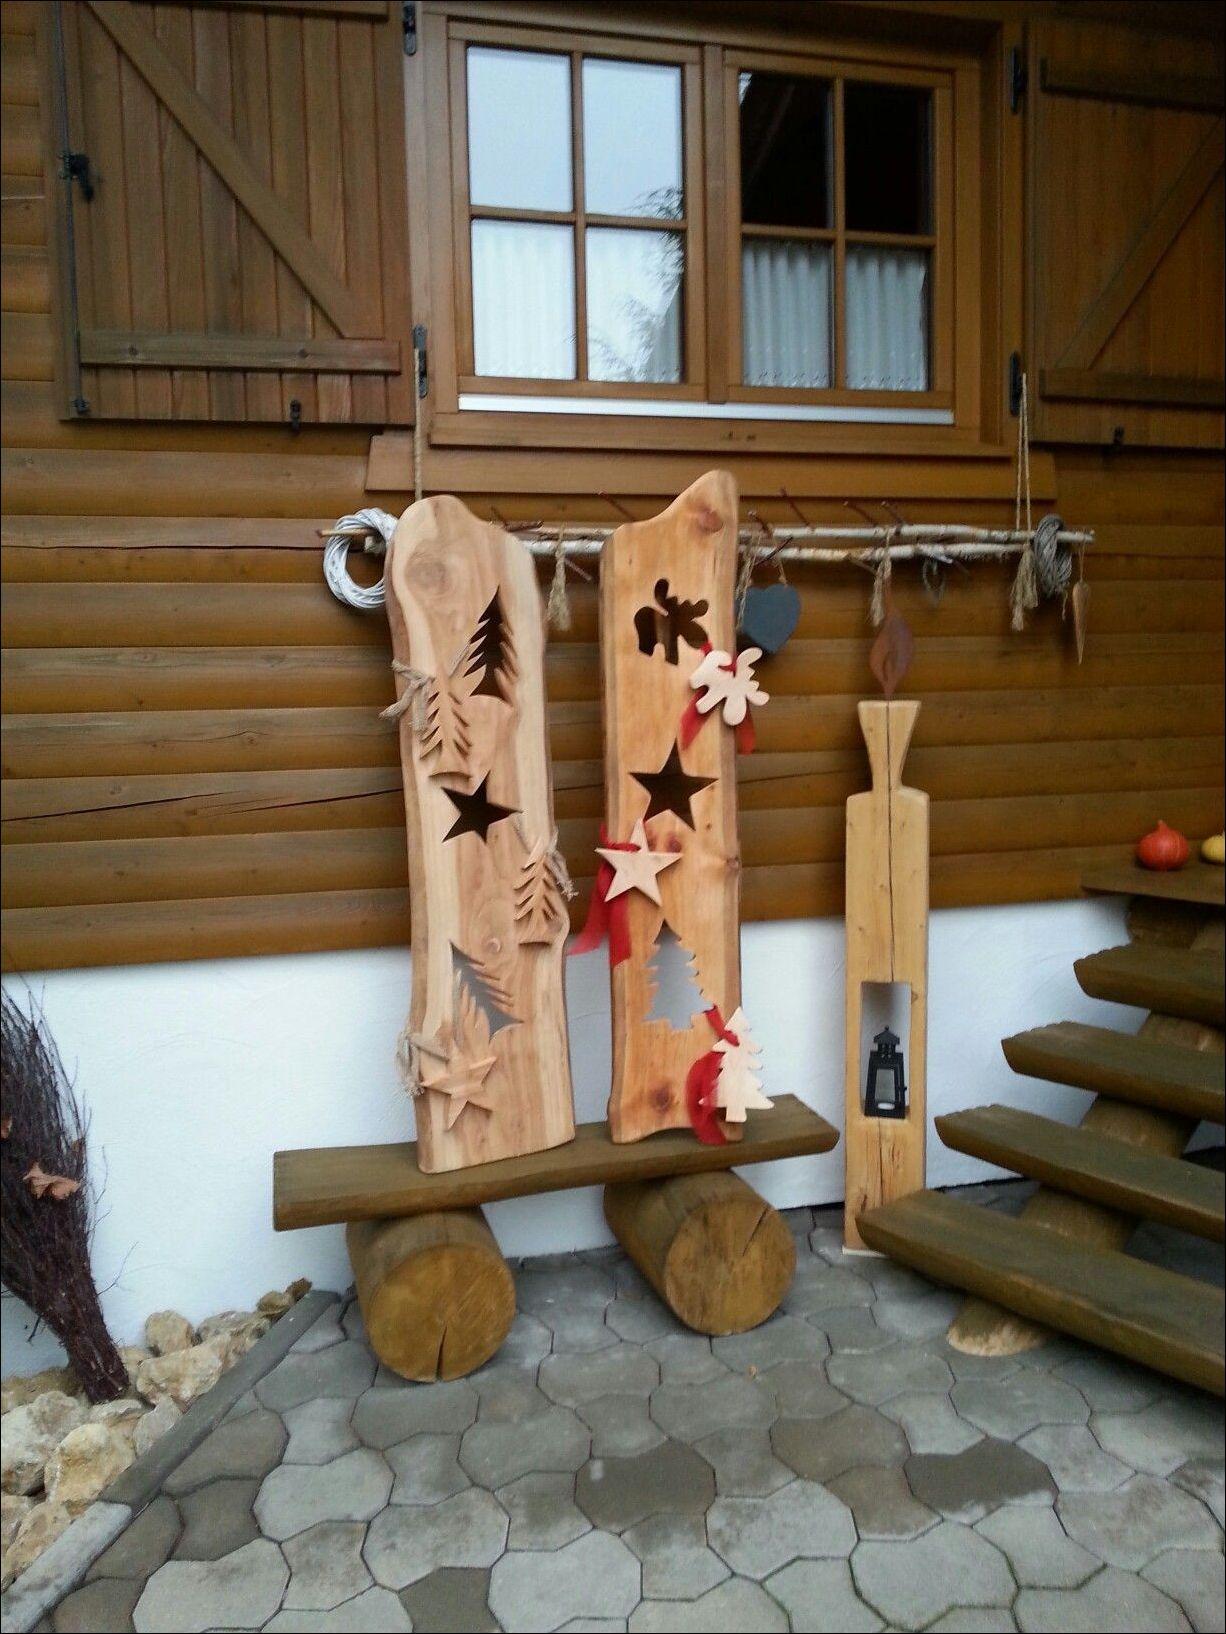 19 Ehrfurchtig Holzdeko Weihnachten Selber Machen Modelle